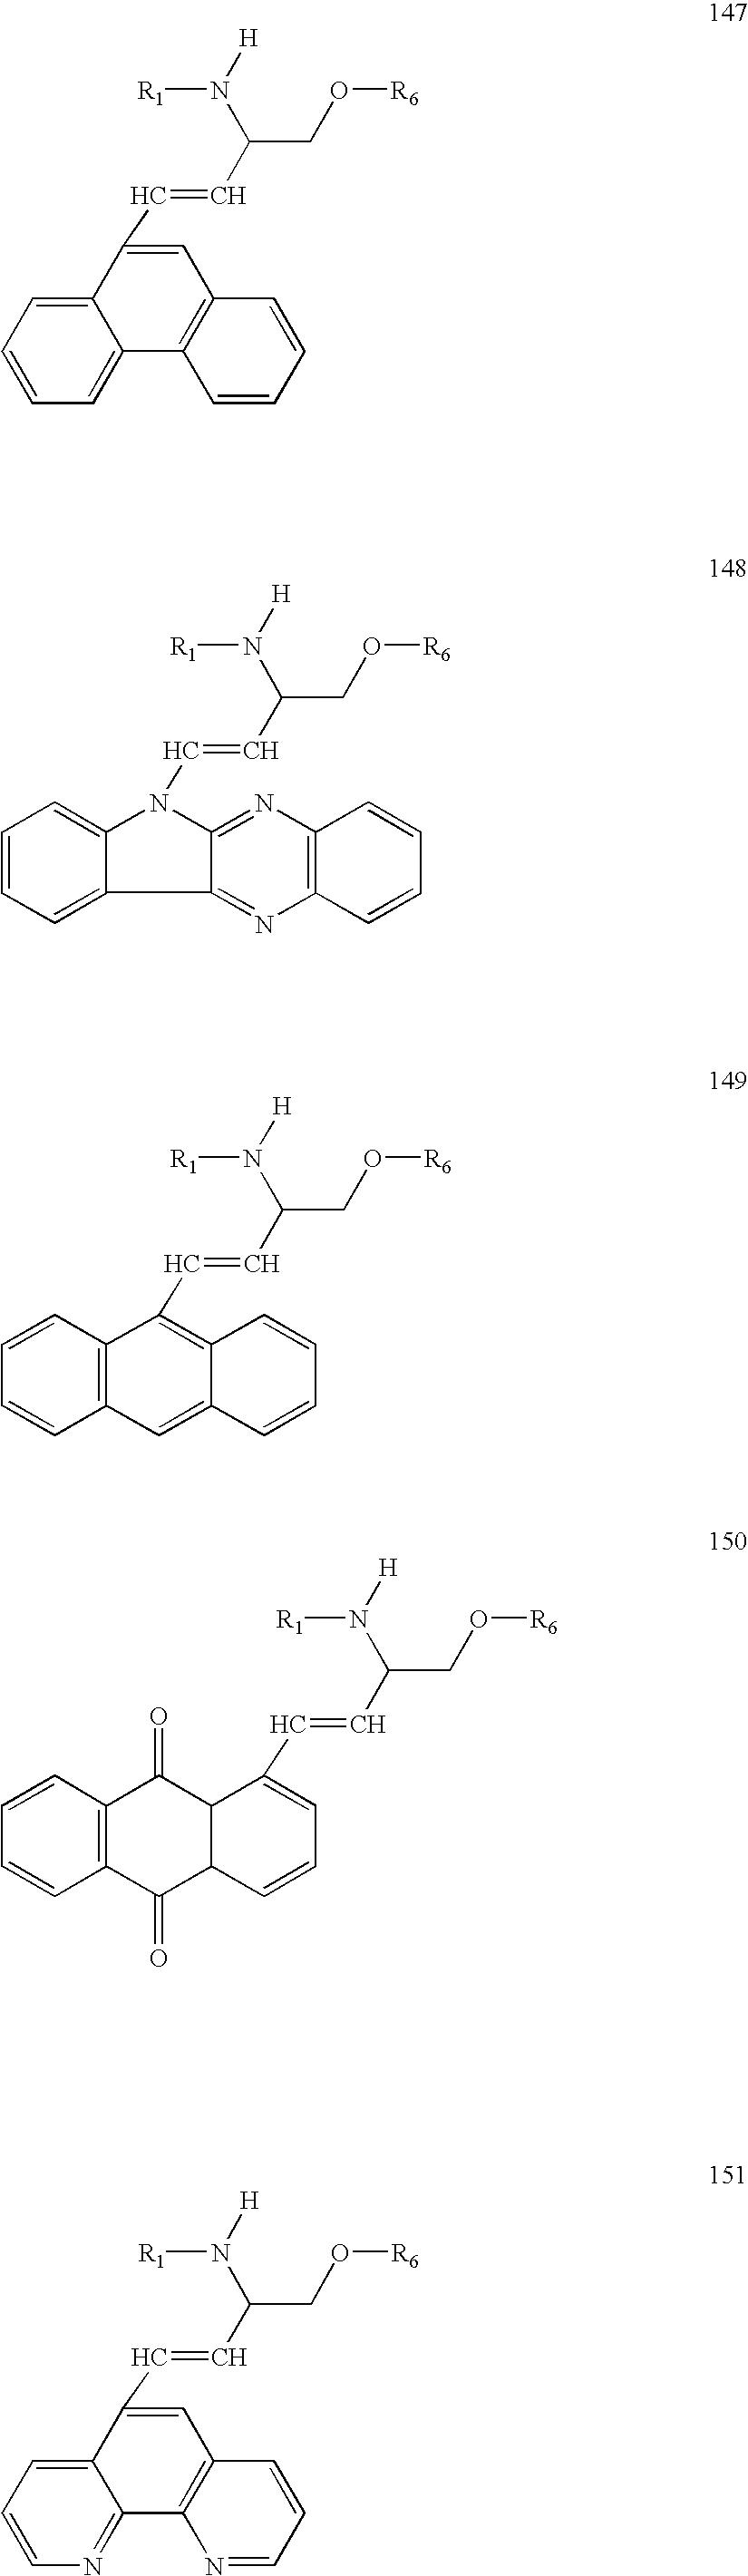 Figure US20060014144A1-20060119-C00120